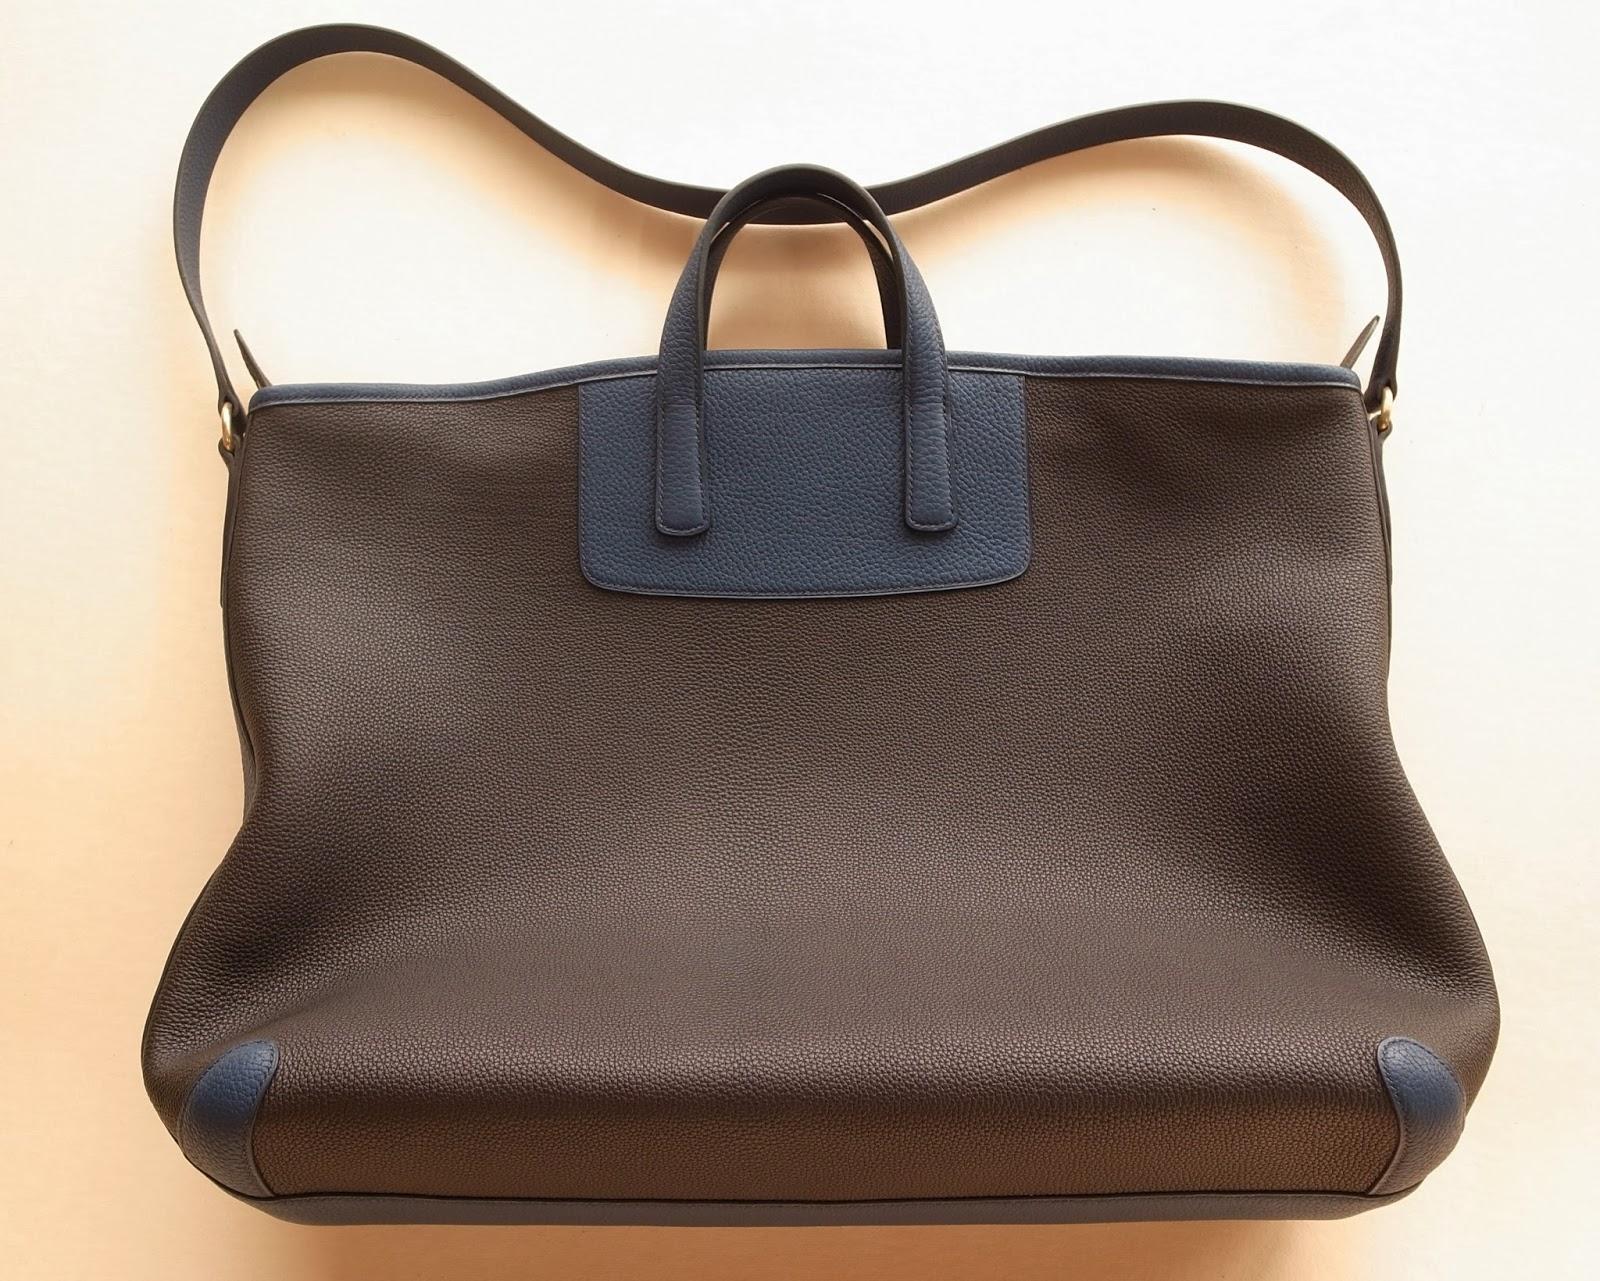 いい鞄、作りたいですね。 時刻: 10:28 ラベル: フルオーダー鞄アーカイブ メールで送信